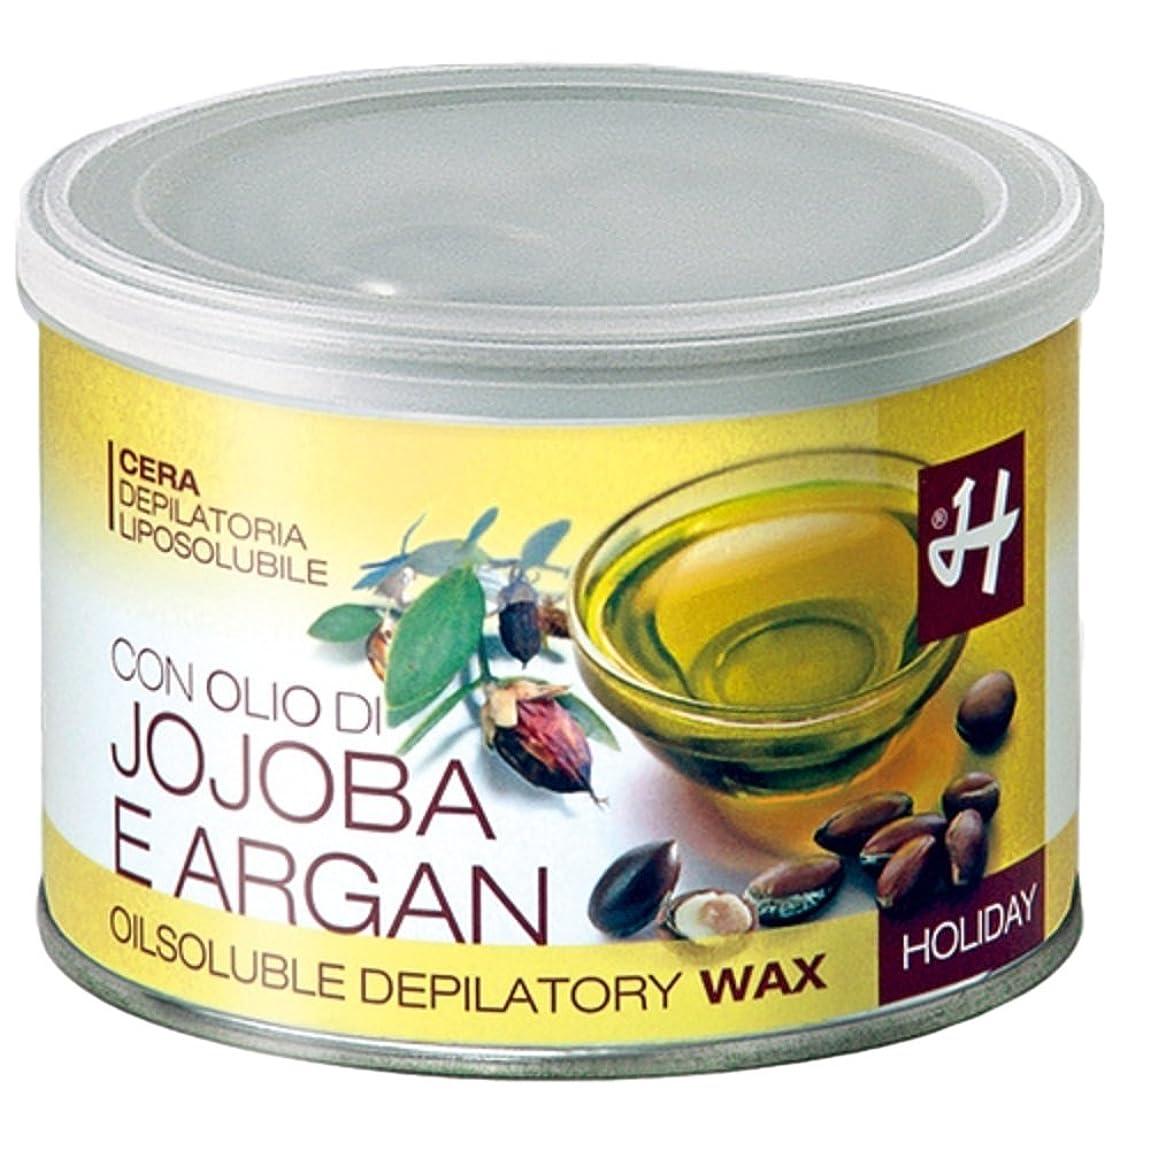 穏やかな食物眠りHOLIDAY JAPAN (ホリデイジャパン) ホホバ&アルガンオイル?エレメンツ ロジンフリーワックス 400ml イタリア製 ブラジリアンワックス WAX